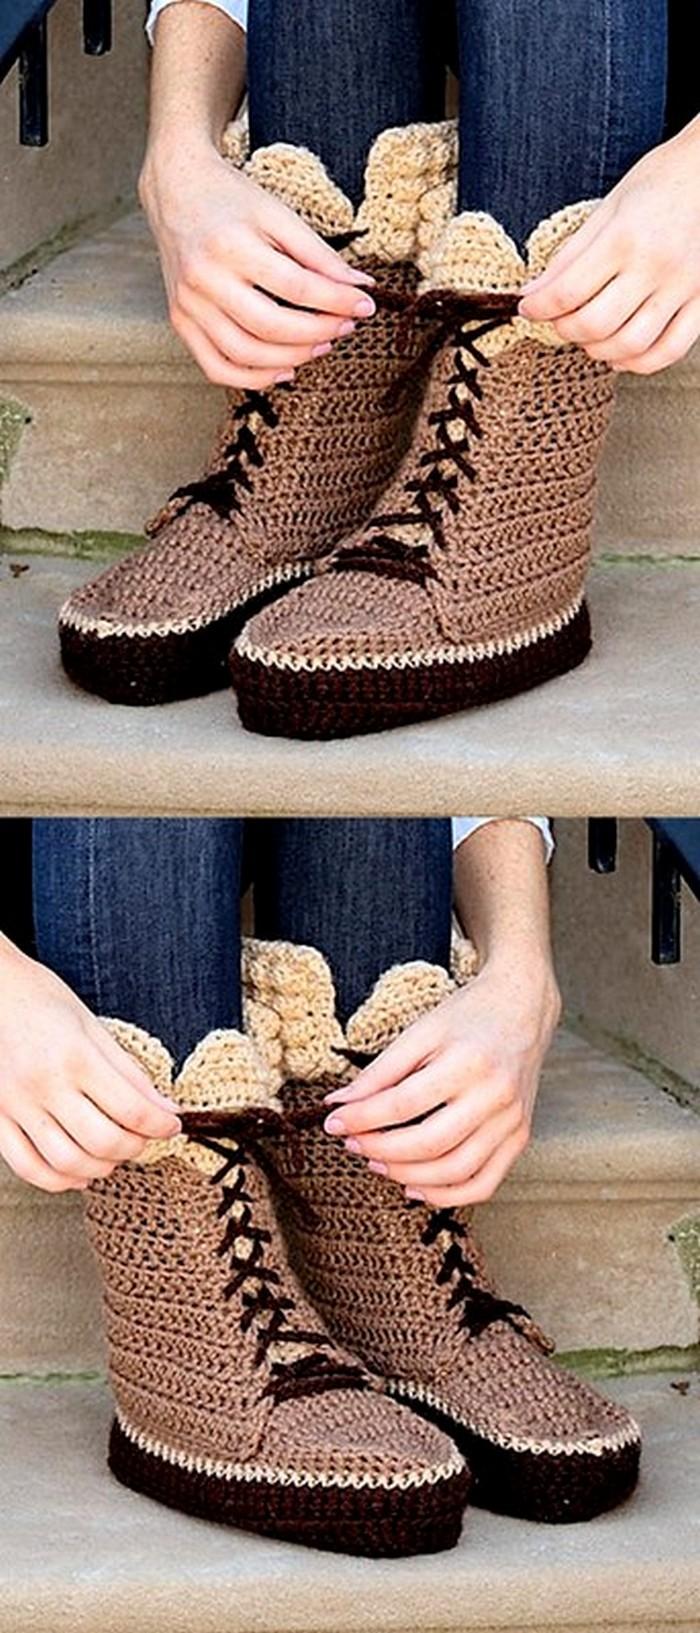 Swiss Miss Slippers Crochet Pattern